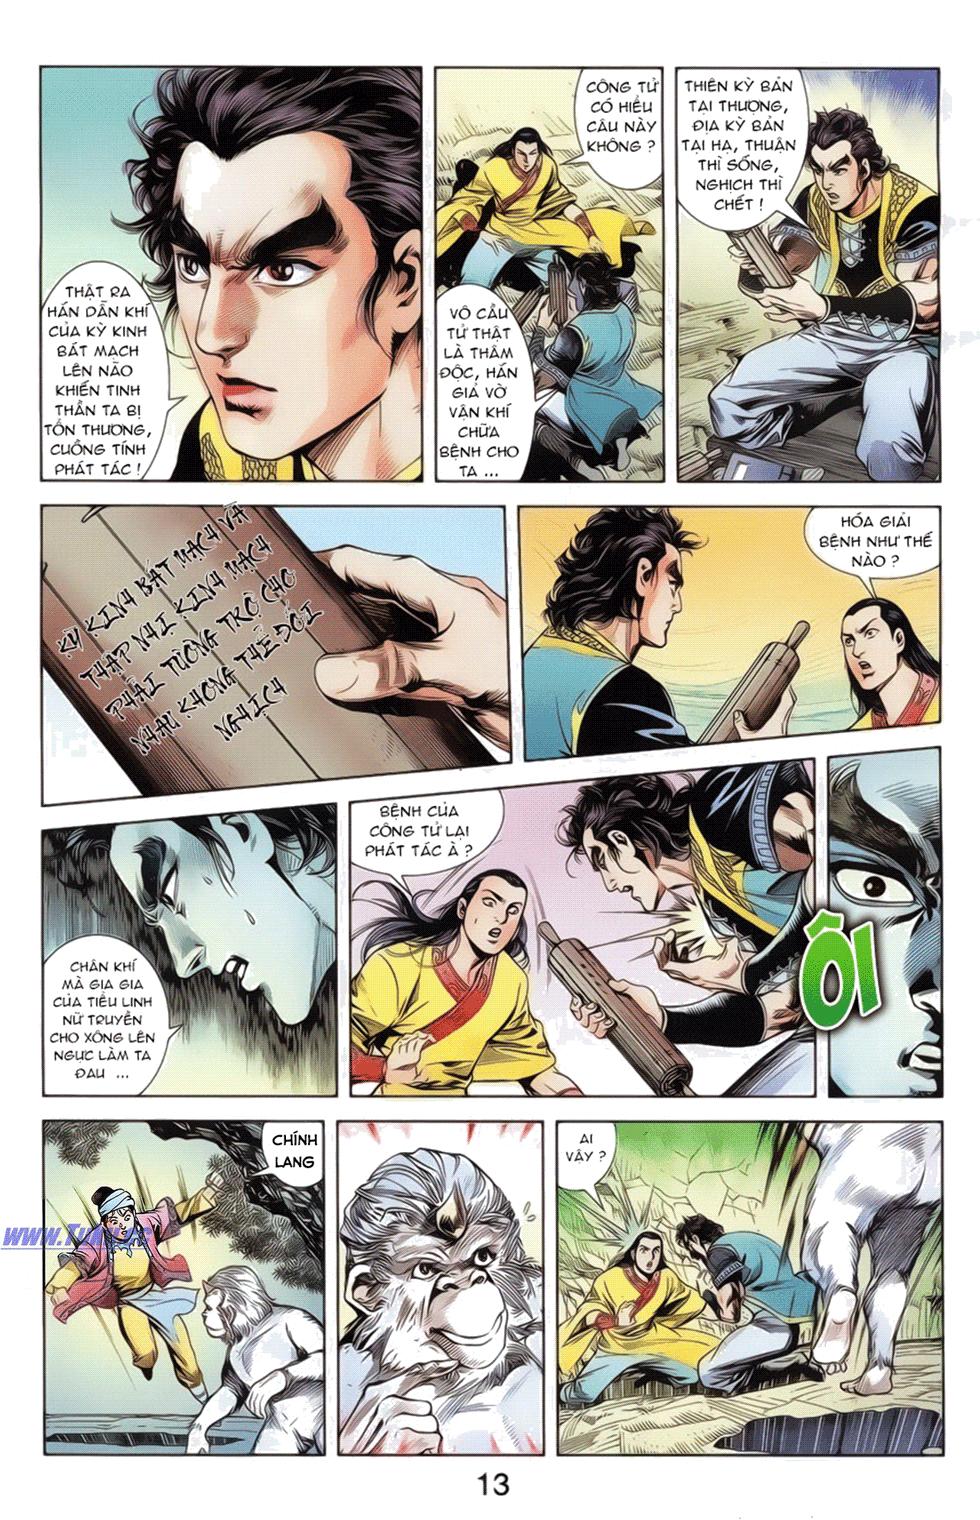 Tần Vương Doanh Chính chapter 19 trang 26